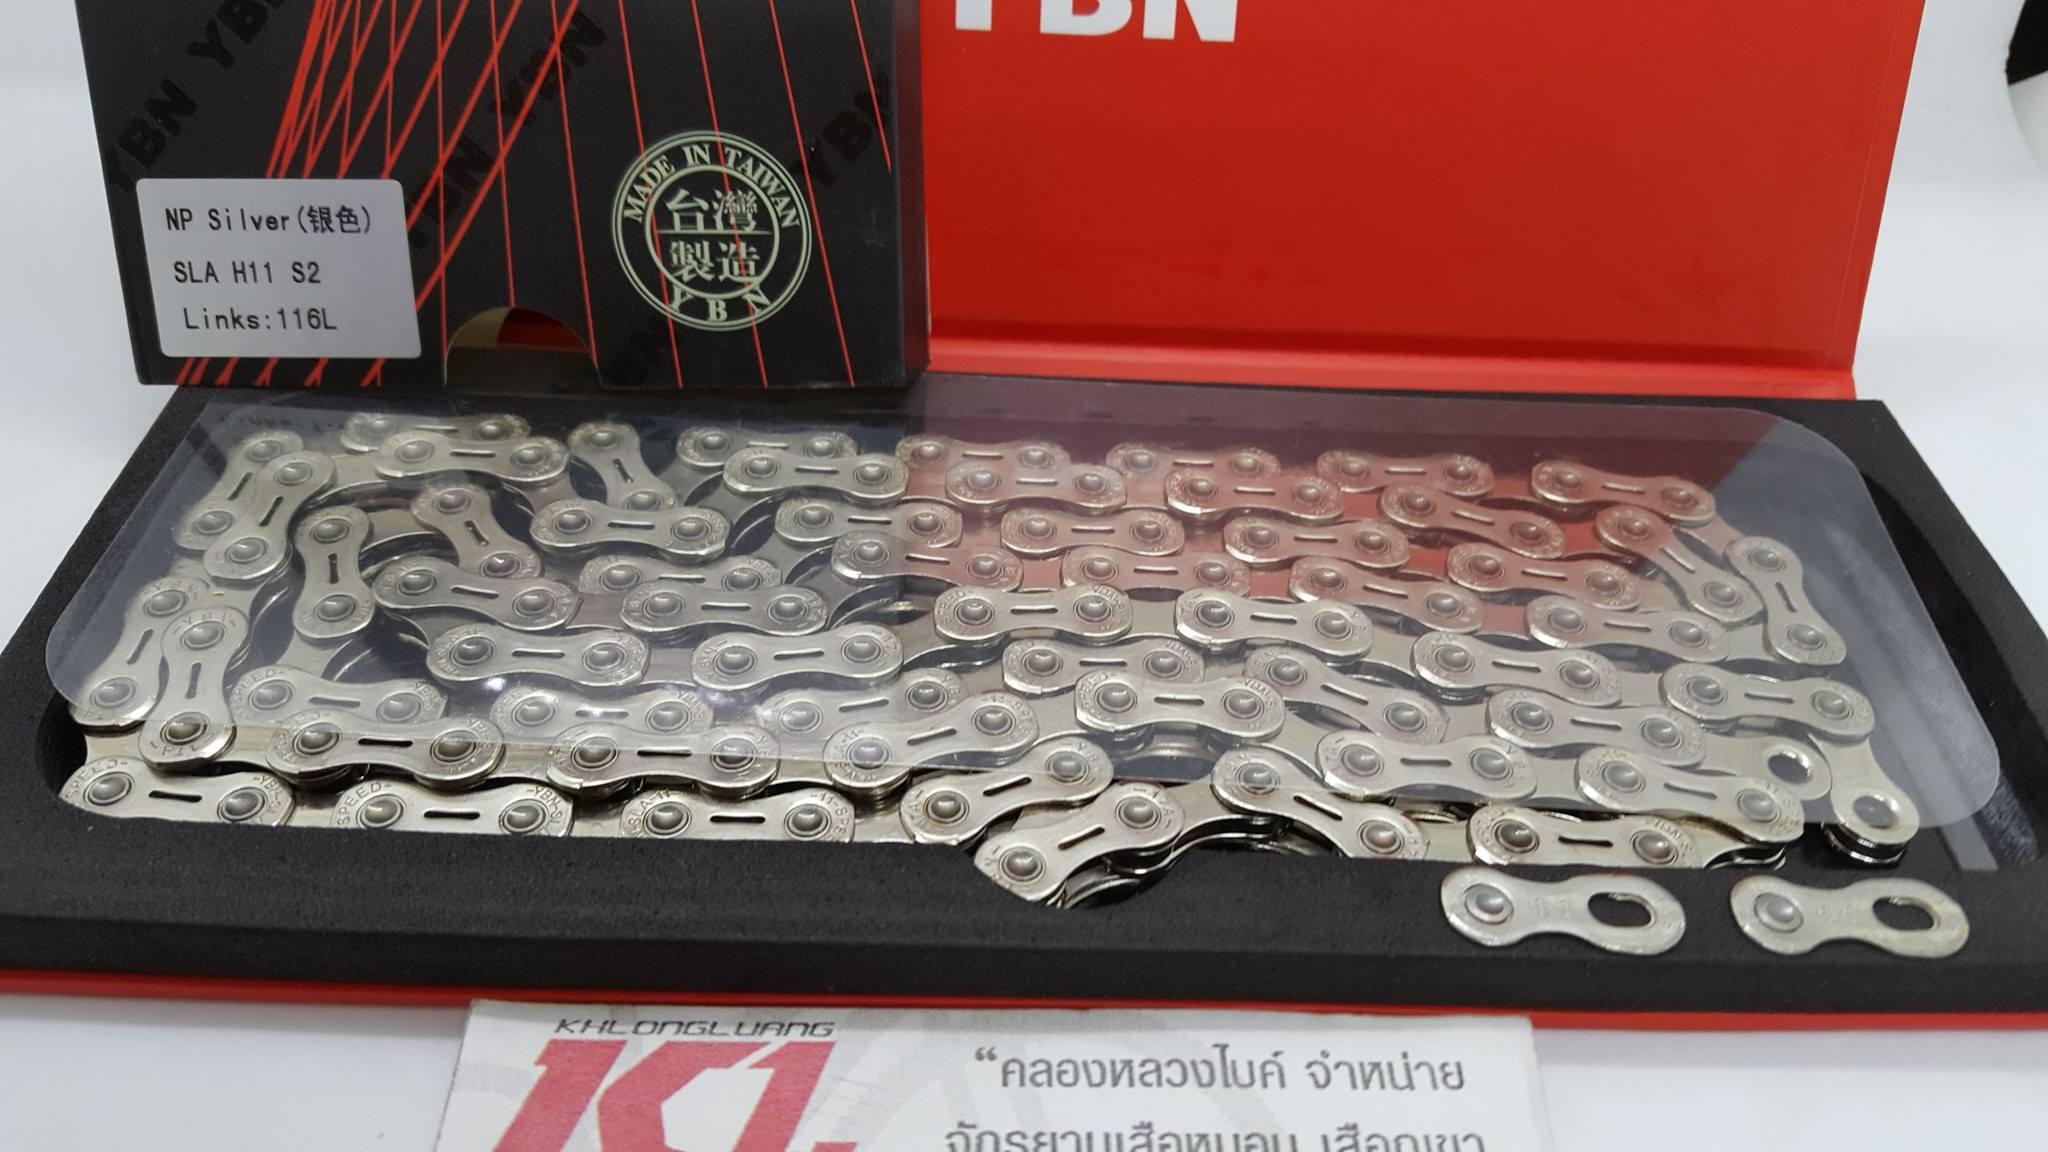 โซ่เงิน ชุบไททาเนียม YBN 11 Speed เซาะร่อง 116 ลิงค์ พร้อมข้อต่อปลดเร็ว